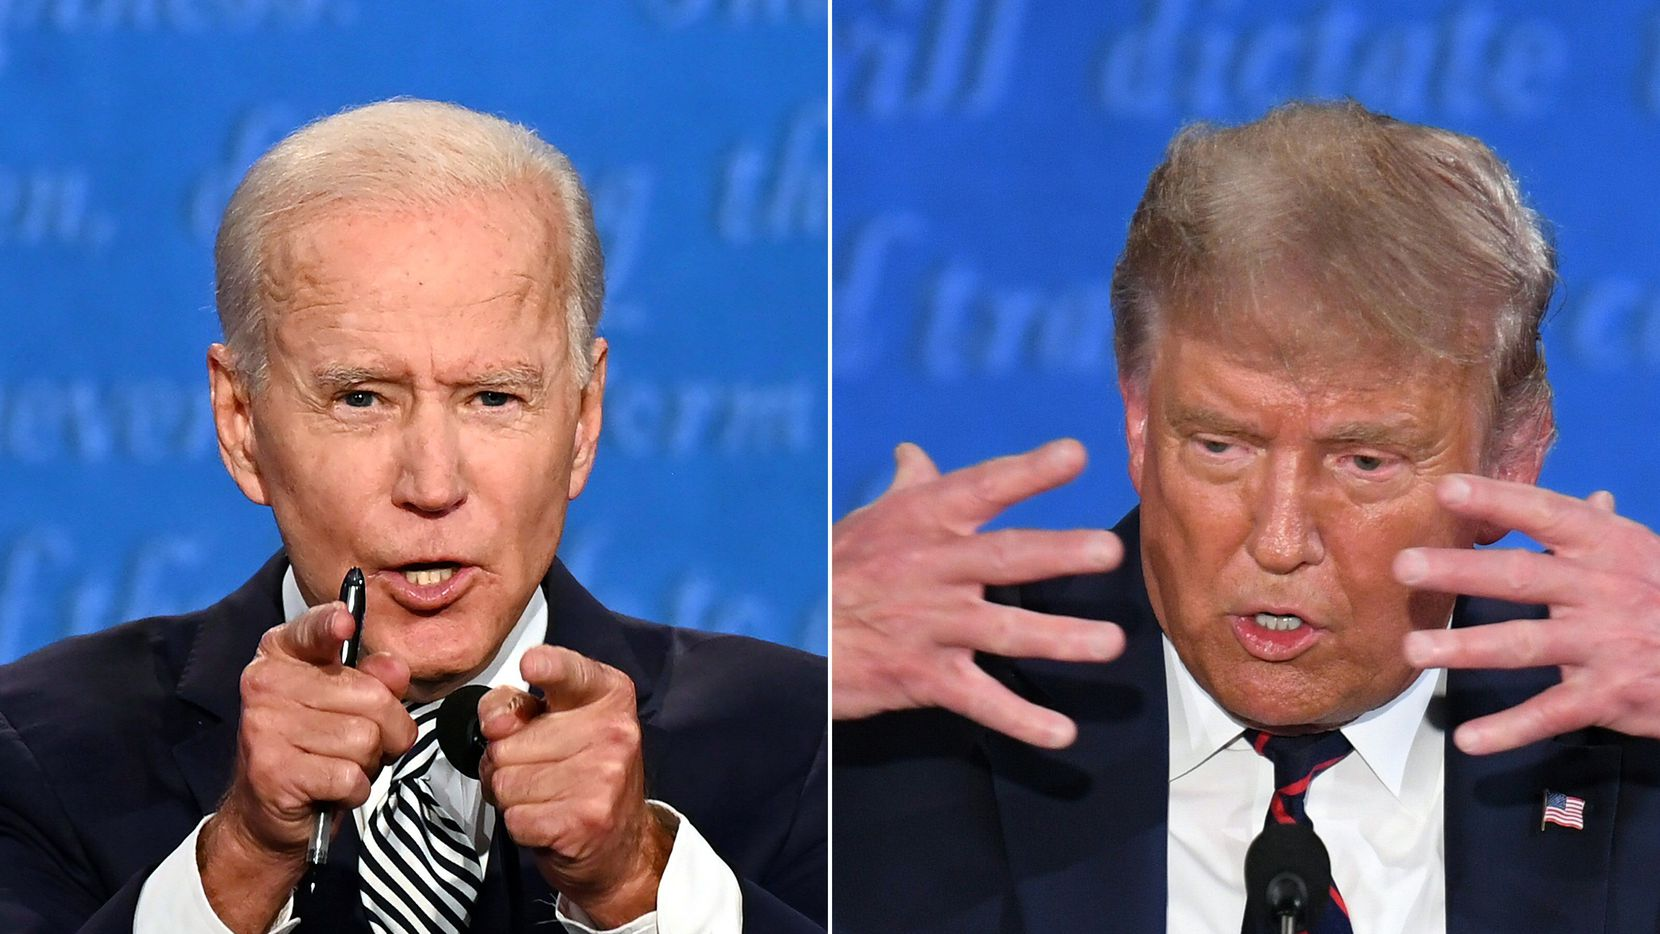 Fotocomposición con imágenes del exvicepresidente Joe Biden (Izq.) y el presidente Donald Trump durante el debate 29 de septiembre de 2020.